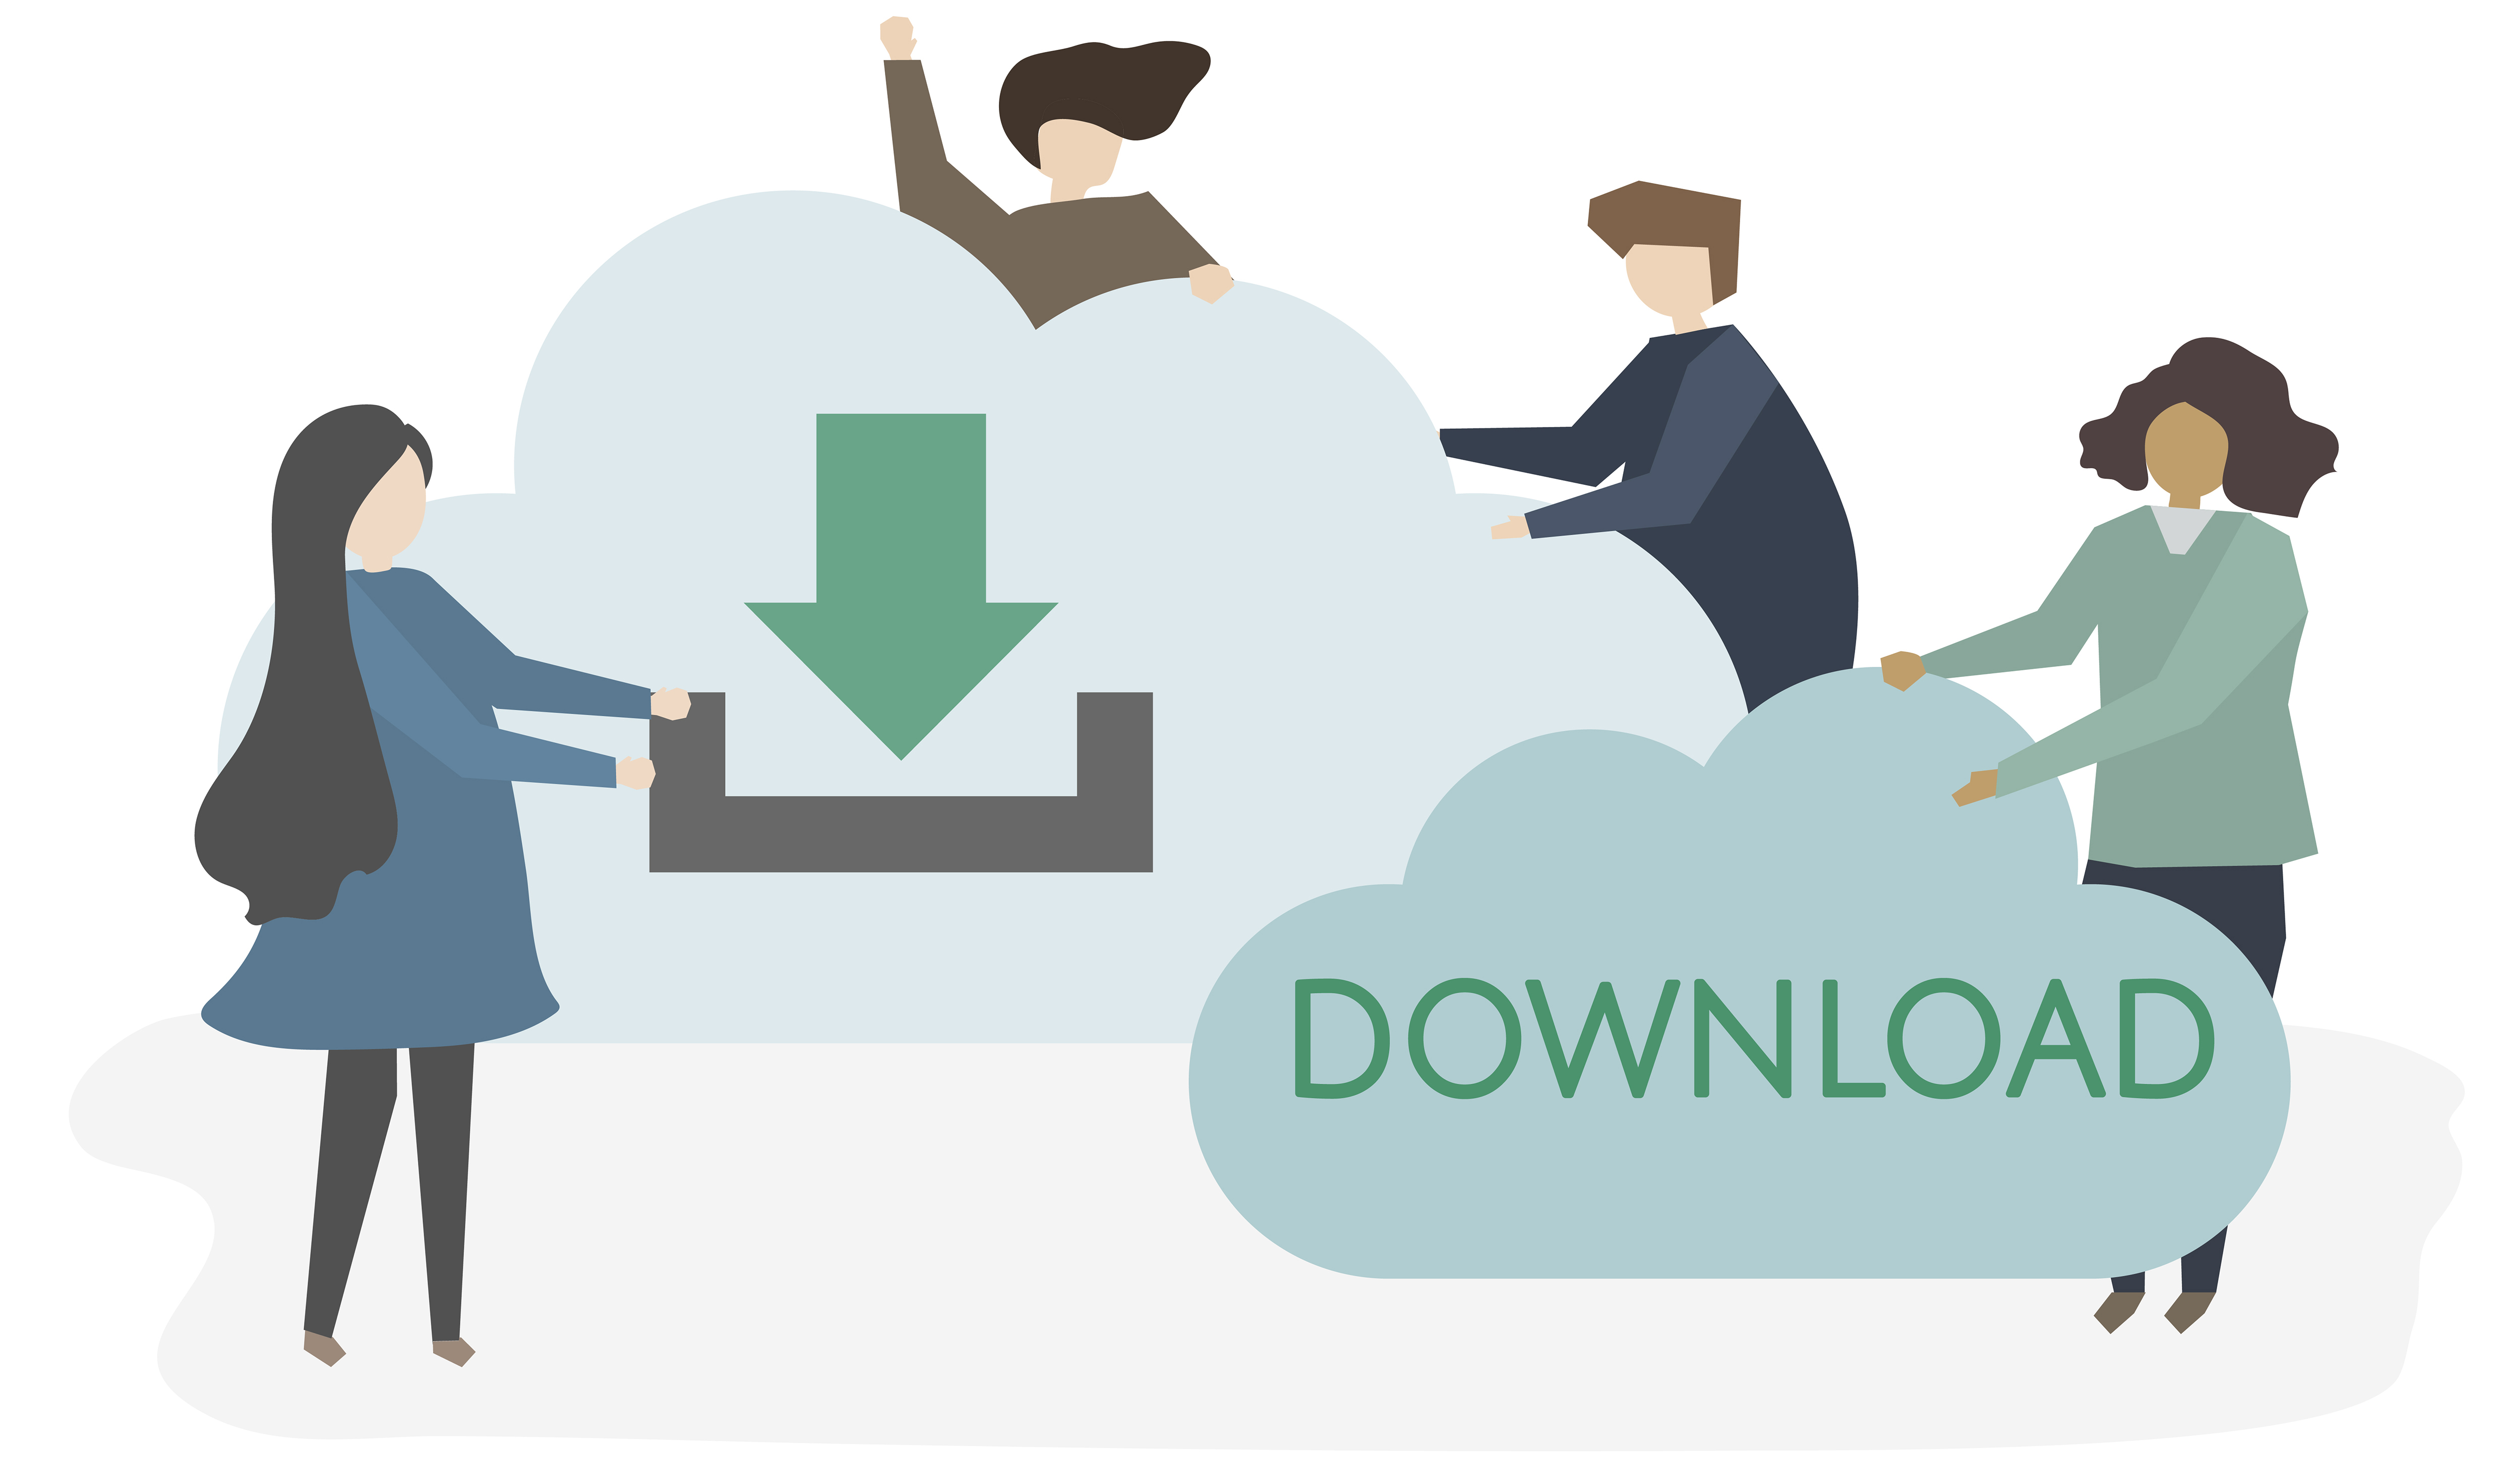 آموزش ساخت فروشگاه آنلاین فایل